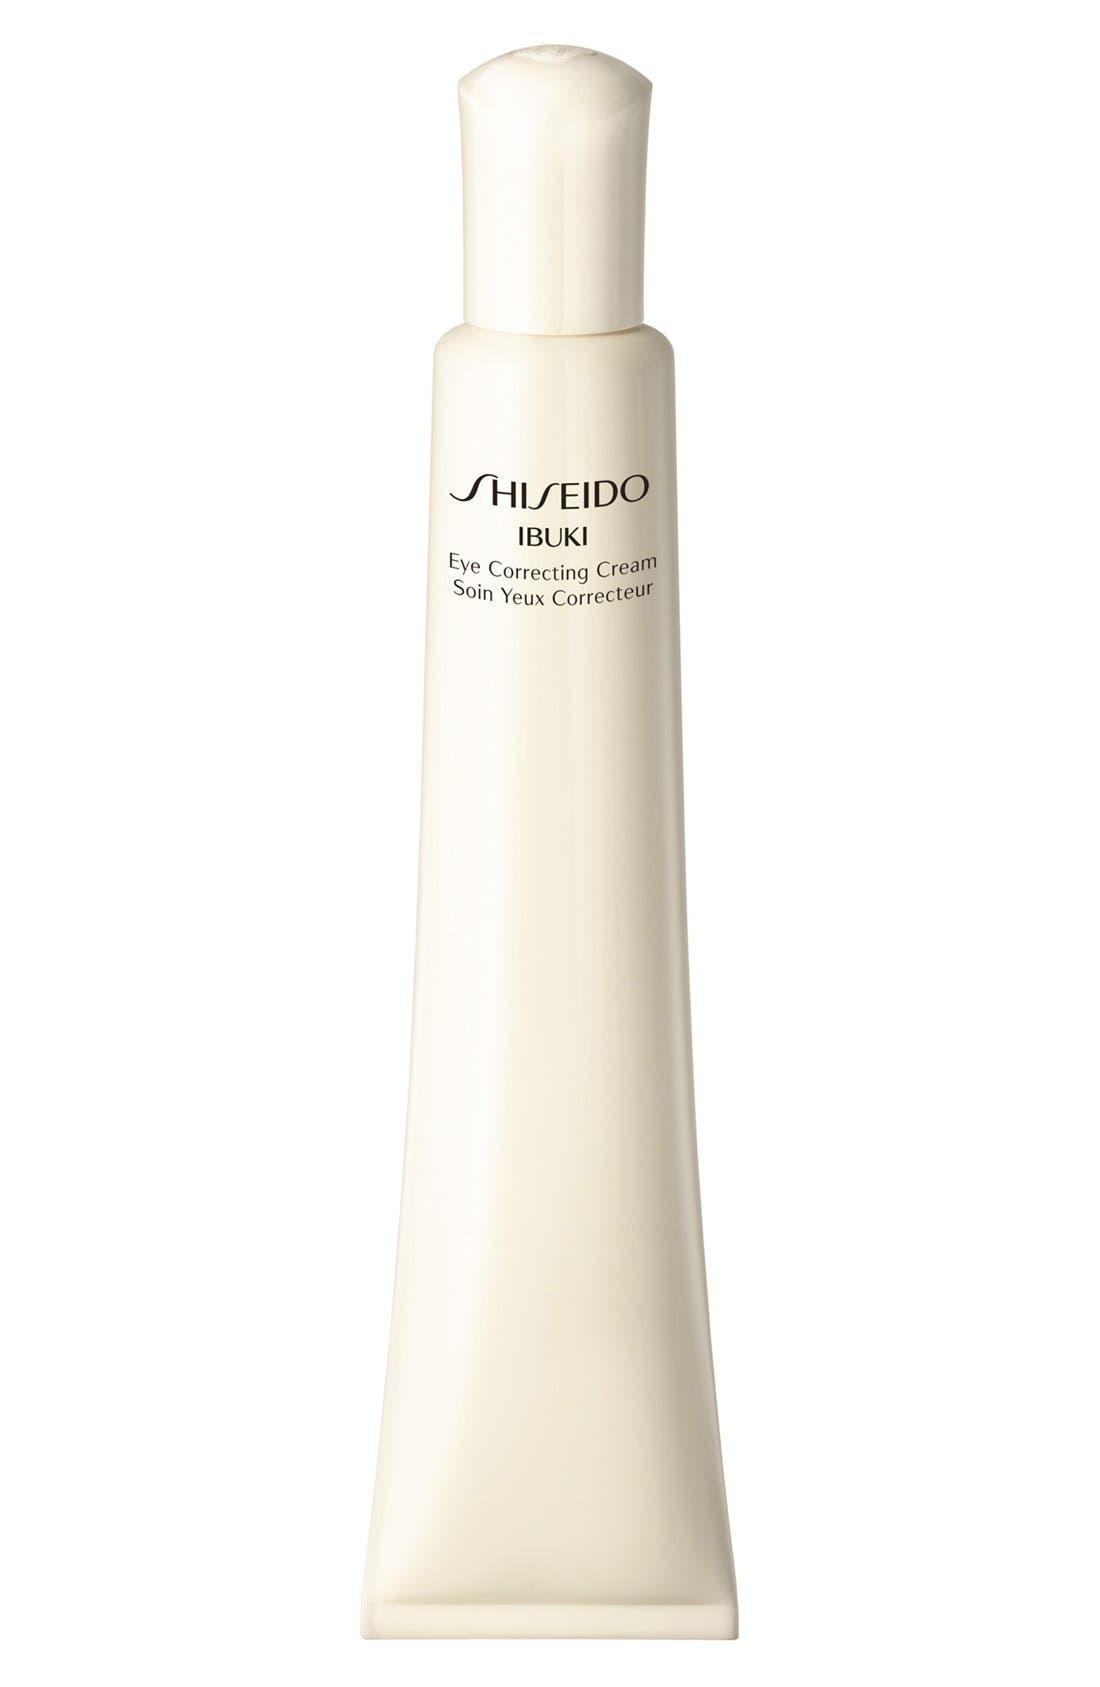 Shiseido 'Ibuki' Eye Correcting Cream